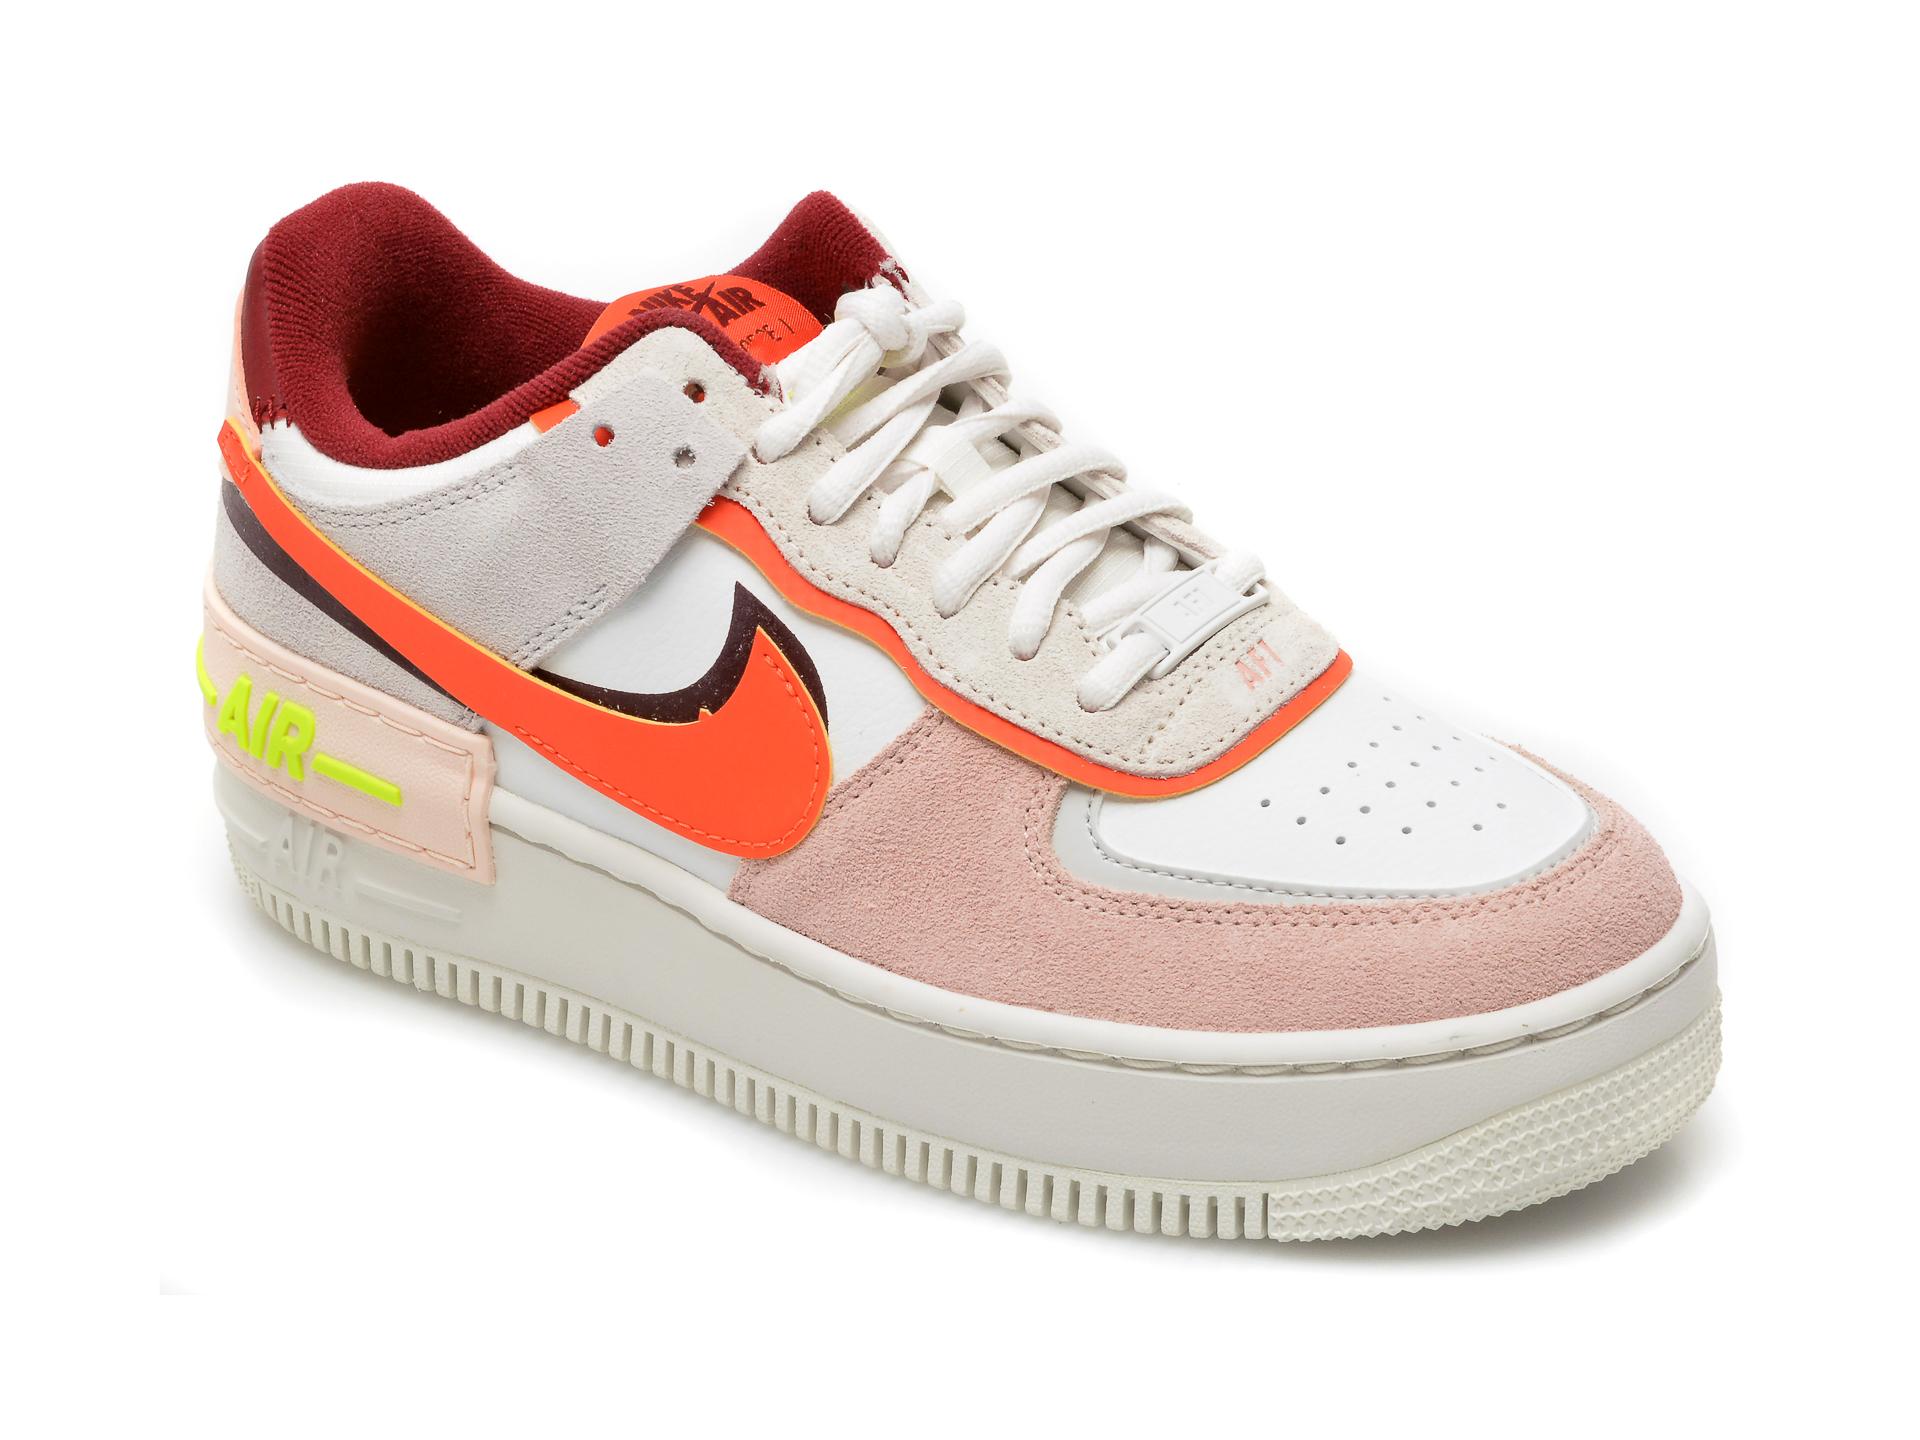 Pantofi sport NIKE albi, W Af1 Shadow, din piele naturala New